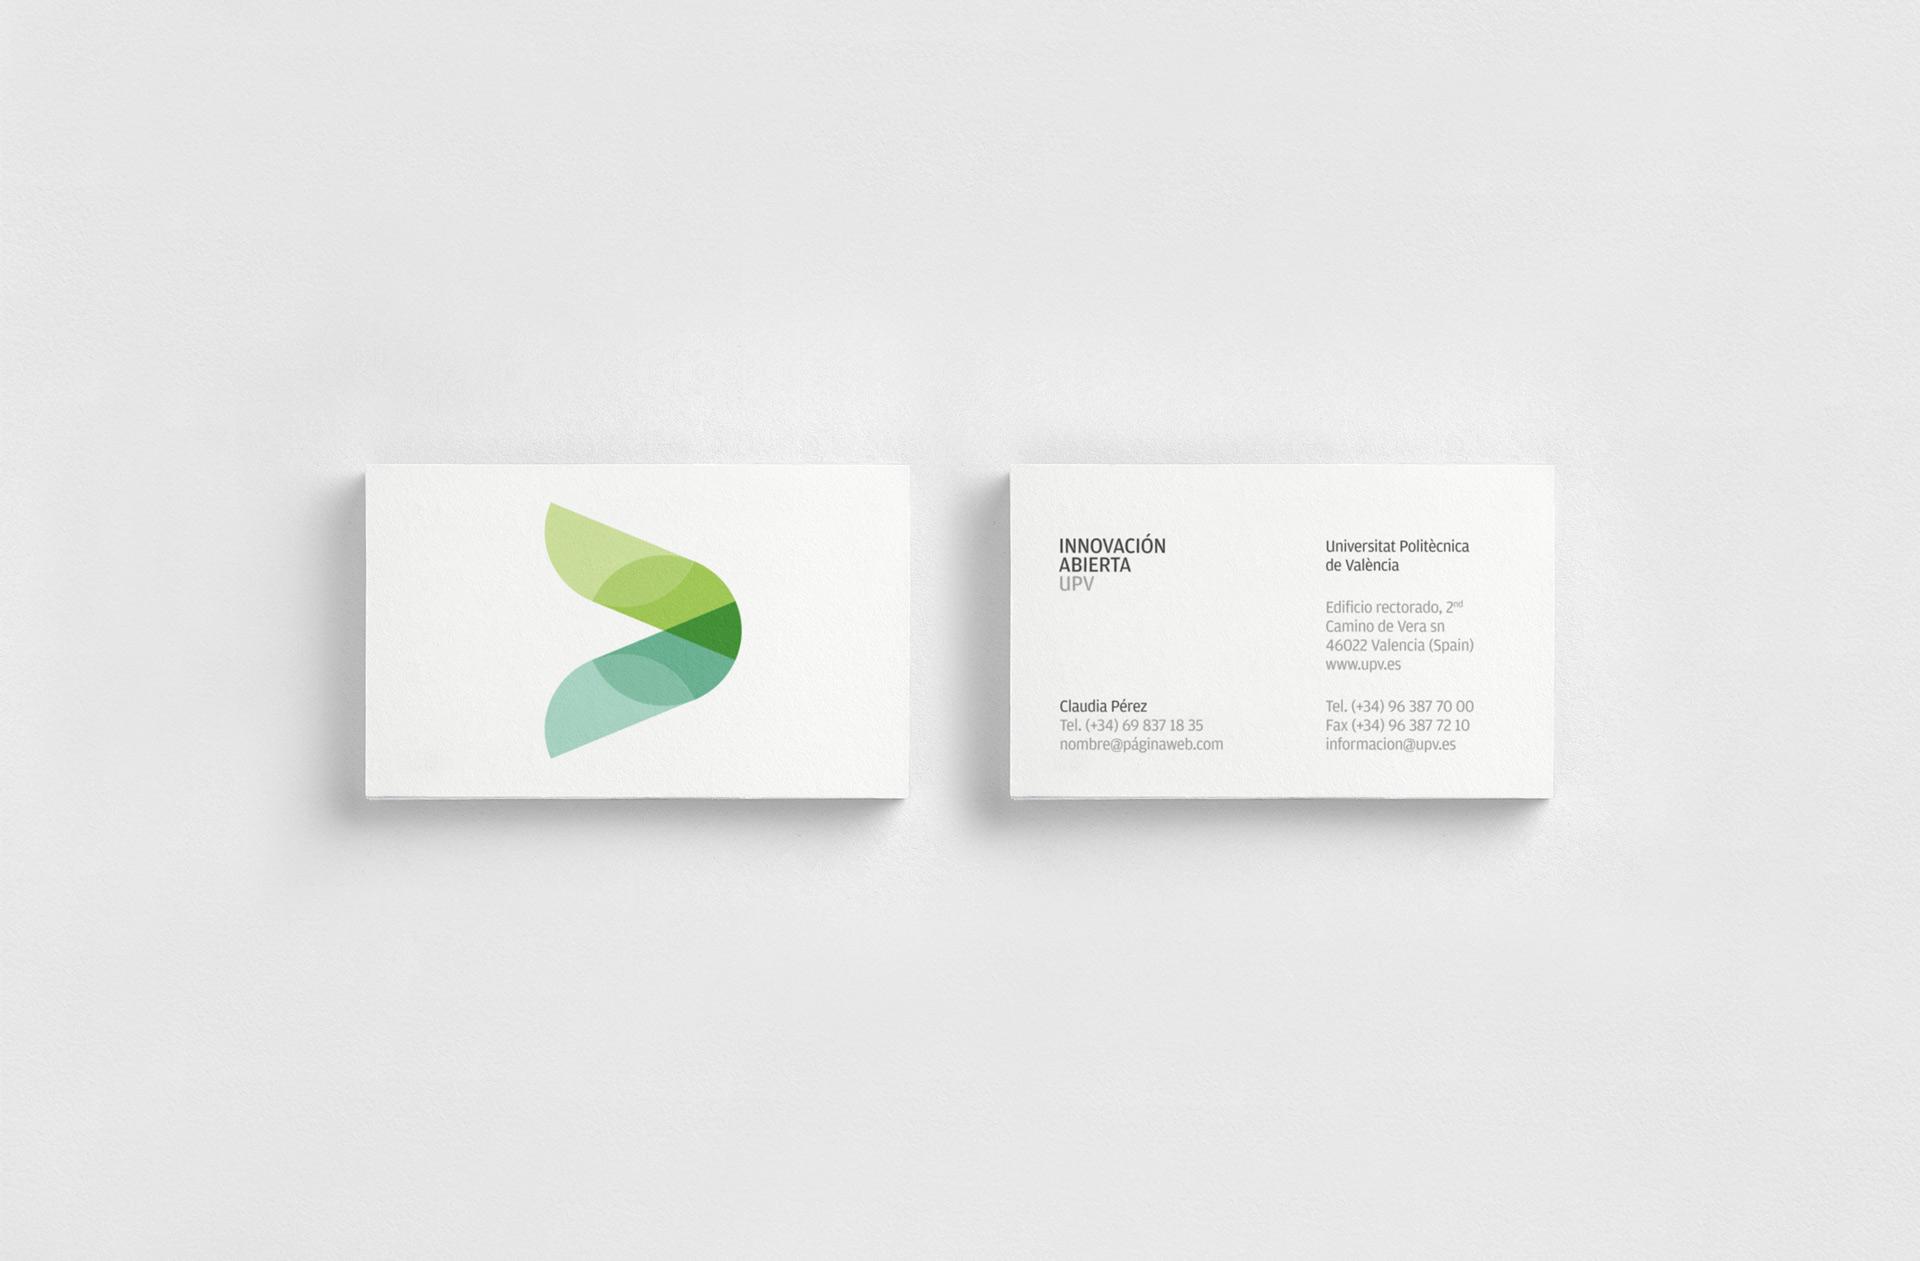 Fase, estudio de diseño gráfico. Identidad corporativa de Innovación Abierta, Universitat Politècnica de València. Tarjeta